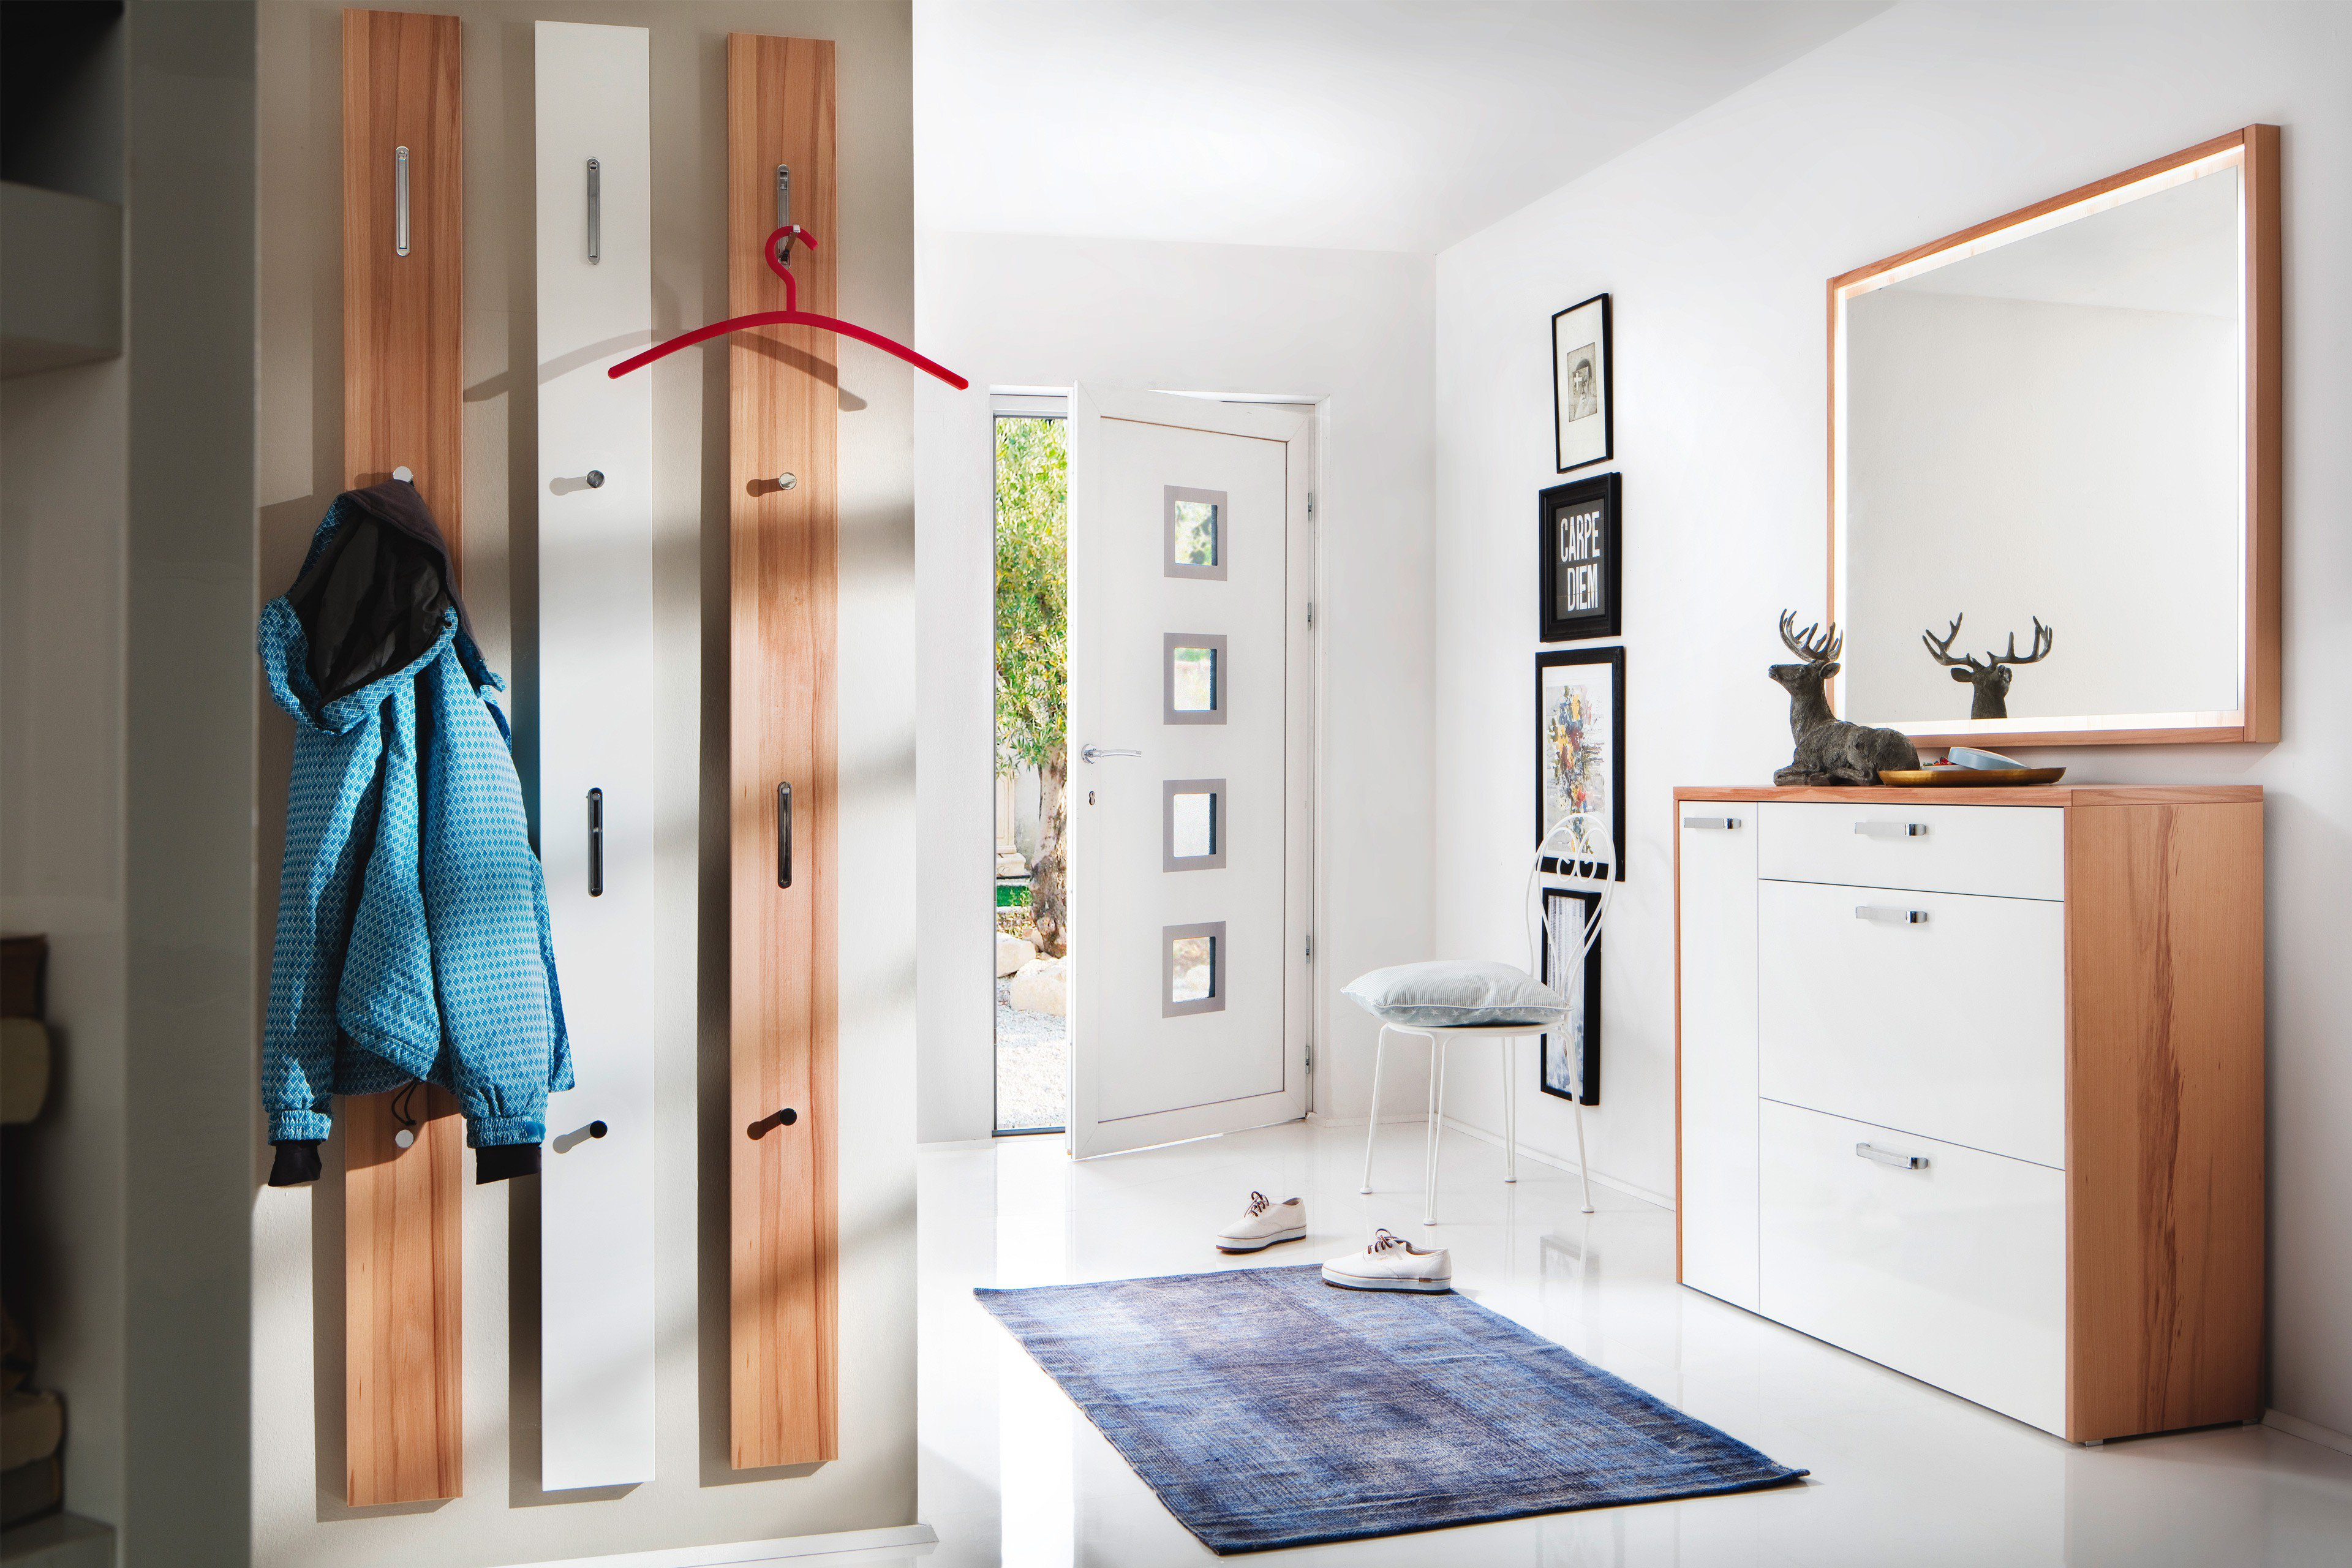 Schön Garderobenpaneel Buche Ideen Von Wittenbreder Garderobe Multi Color Wood